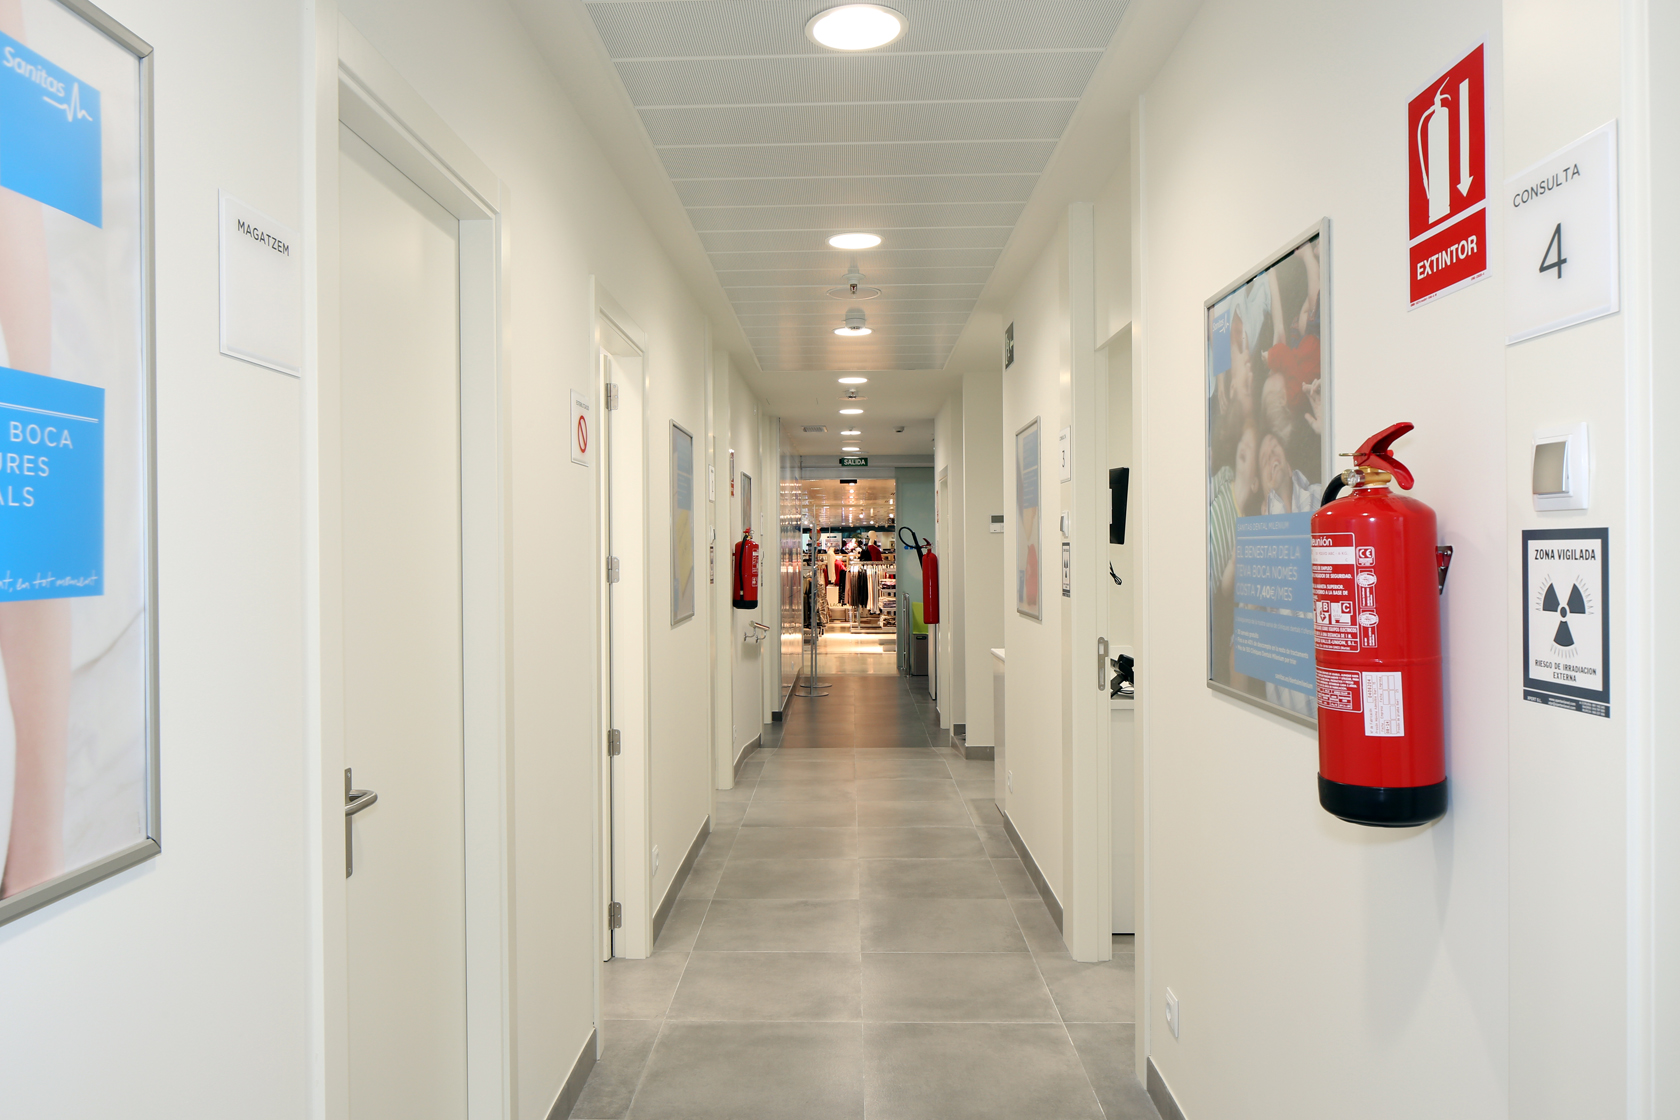 Cl nica dental milenium el corte ingles tarragona en for Sanitas tarragona oficinas